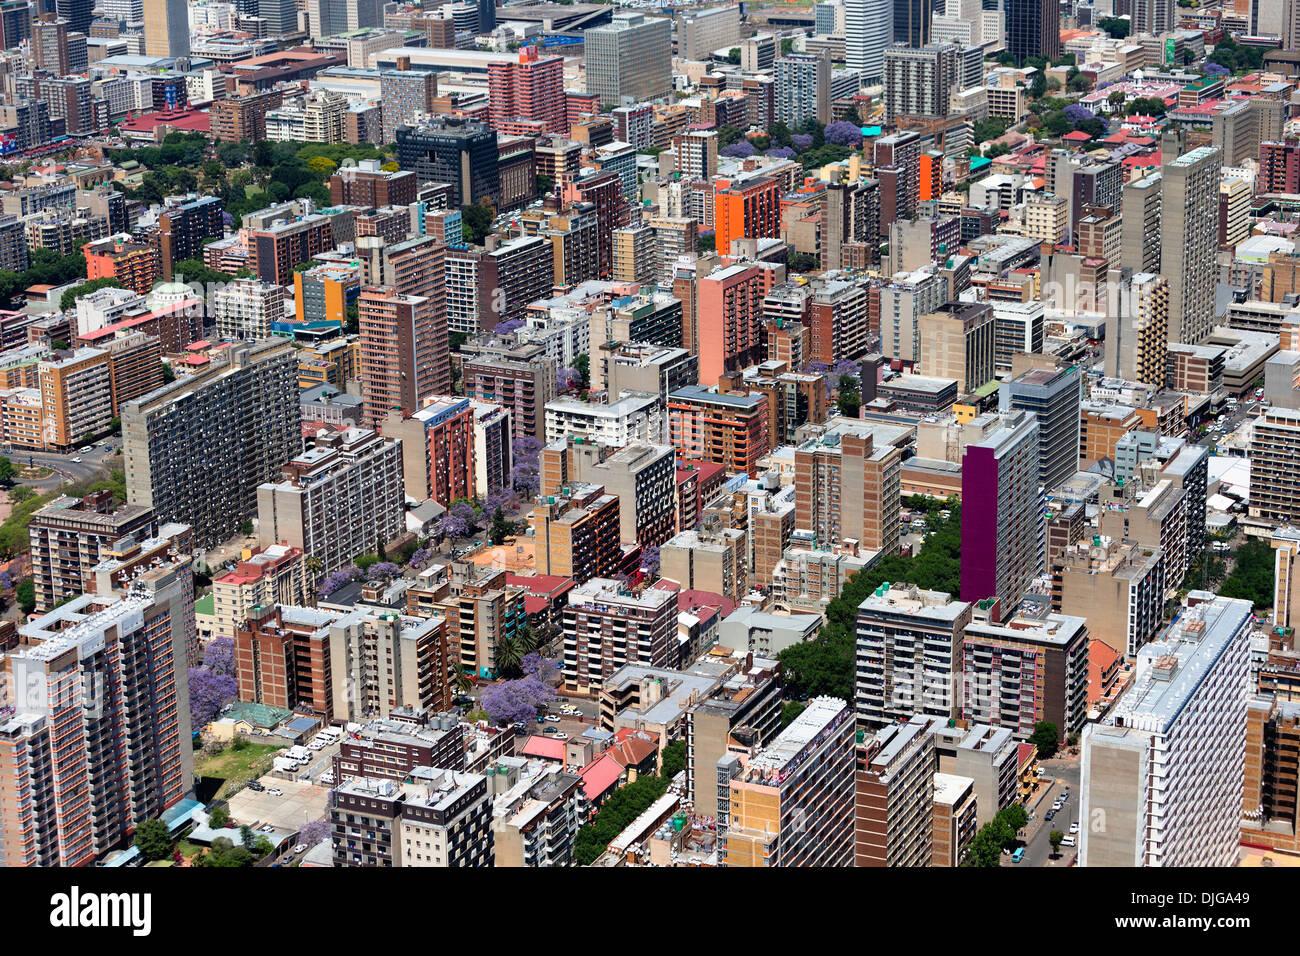 Vue aérienne de tours d'immeubles de bureaux.Johannesburg Afrique du Sud. Photo Stock